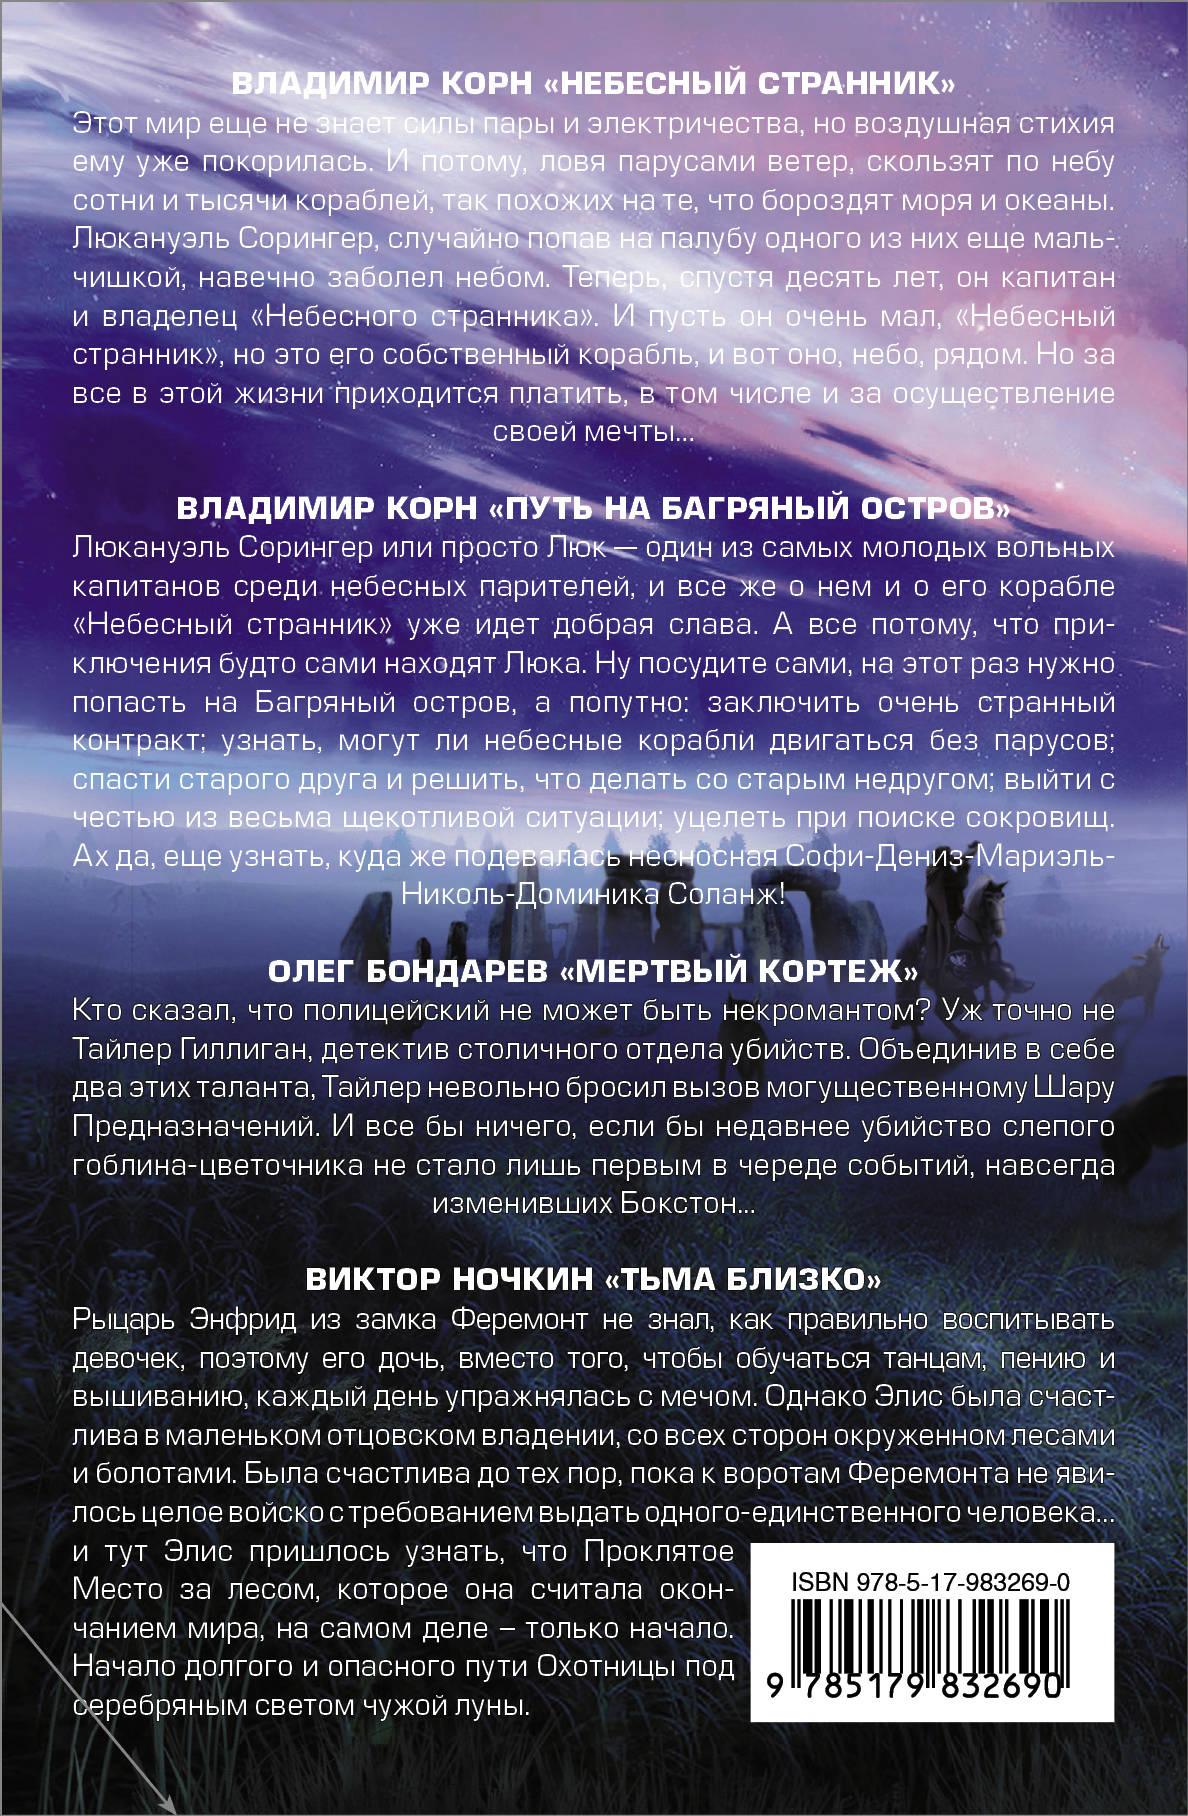 Путь странника (комплект из 4 книг). Владимир Корн, Олег Бондарев, Виктор Ночкин